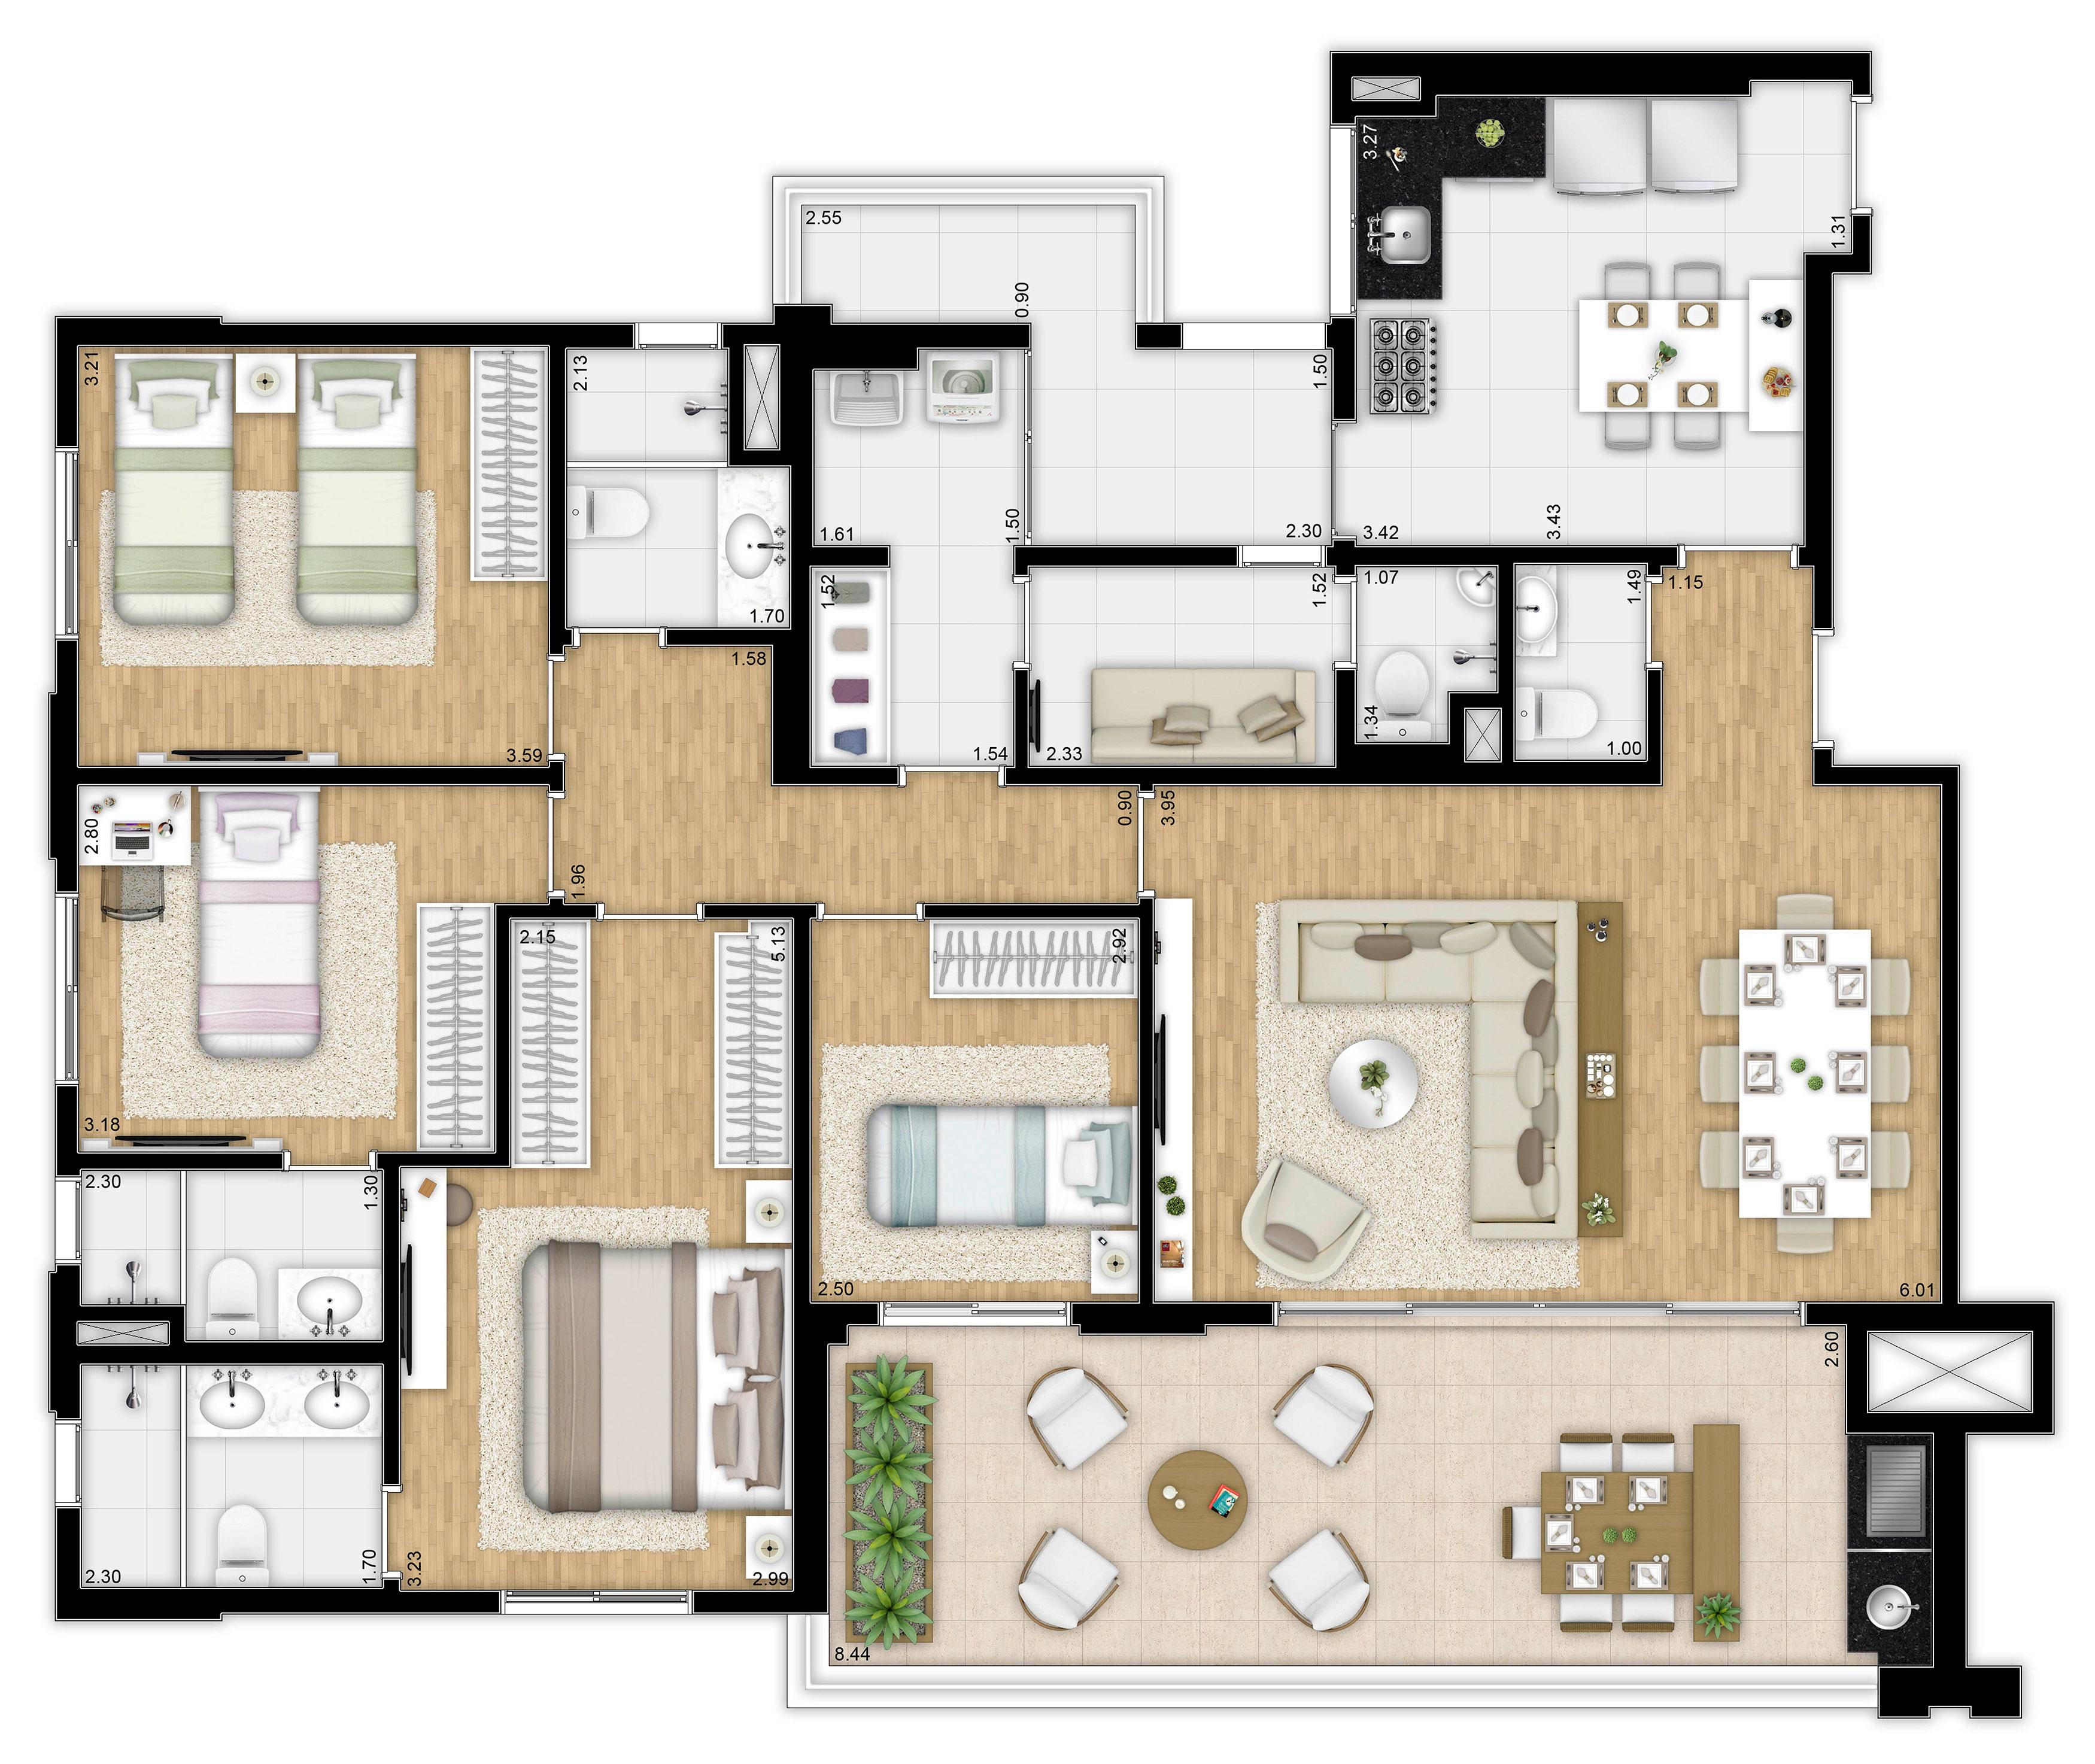 157 m² - 4 dorms - Apto tipo